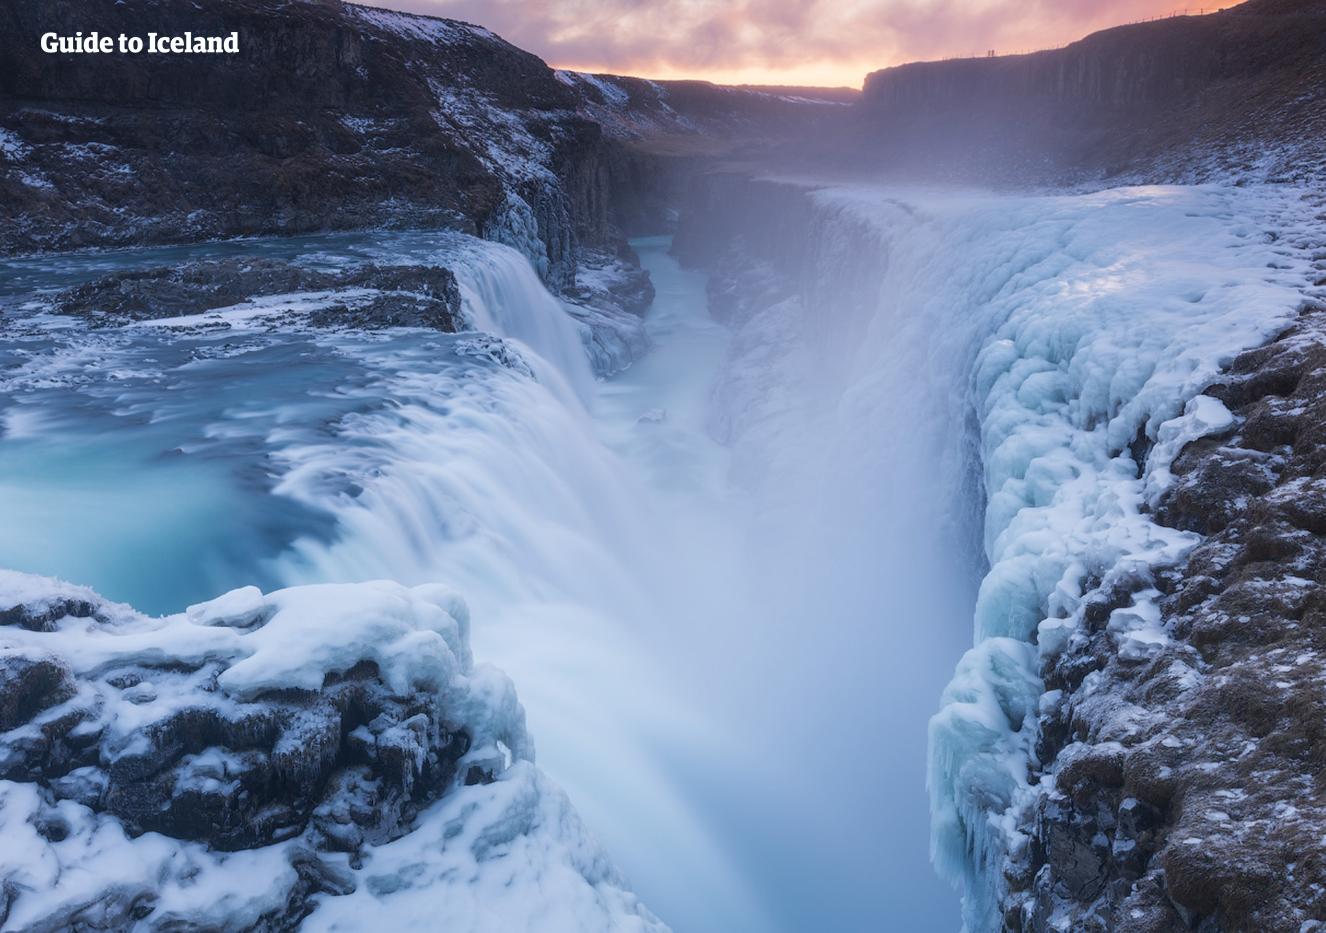 น้ำตกกุลล์ฟอสส์ในหน้าหนาวถูกปกคลุมด้วยน้ำแข็งและหิมะ แต่กระนั้นแม่น้ำฮวิทเอาก็ยังคงไหลแรงเหมือนเดิม